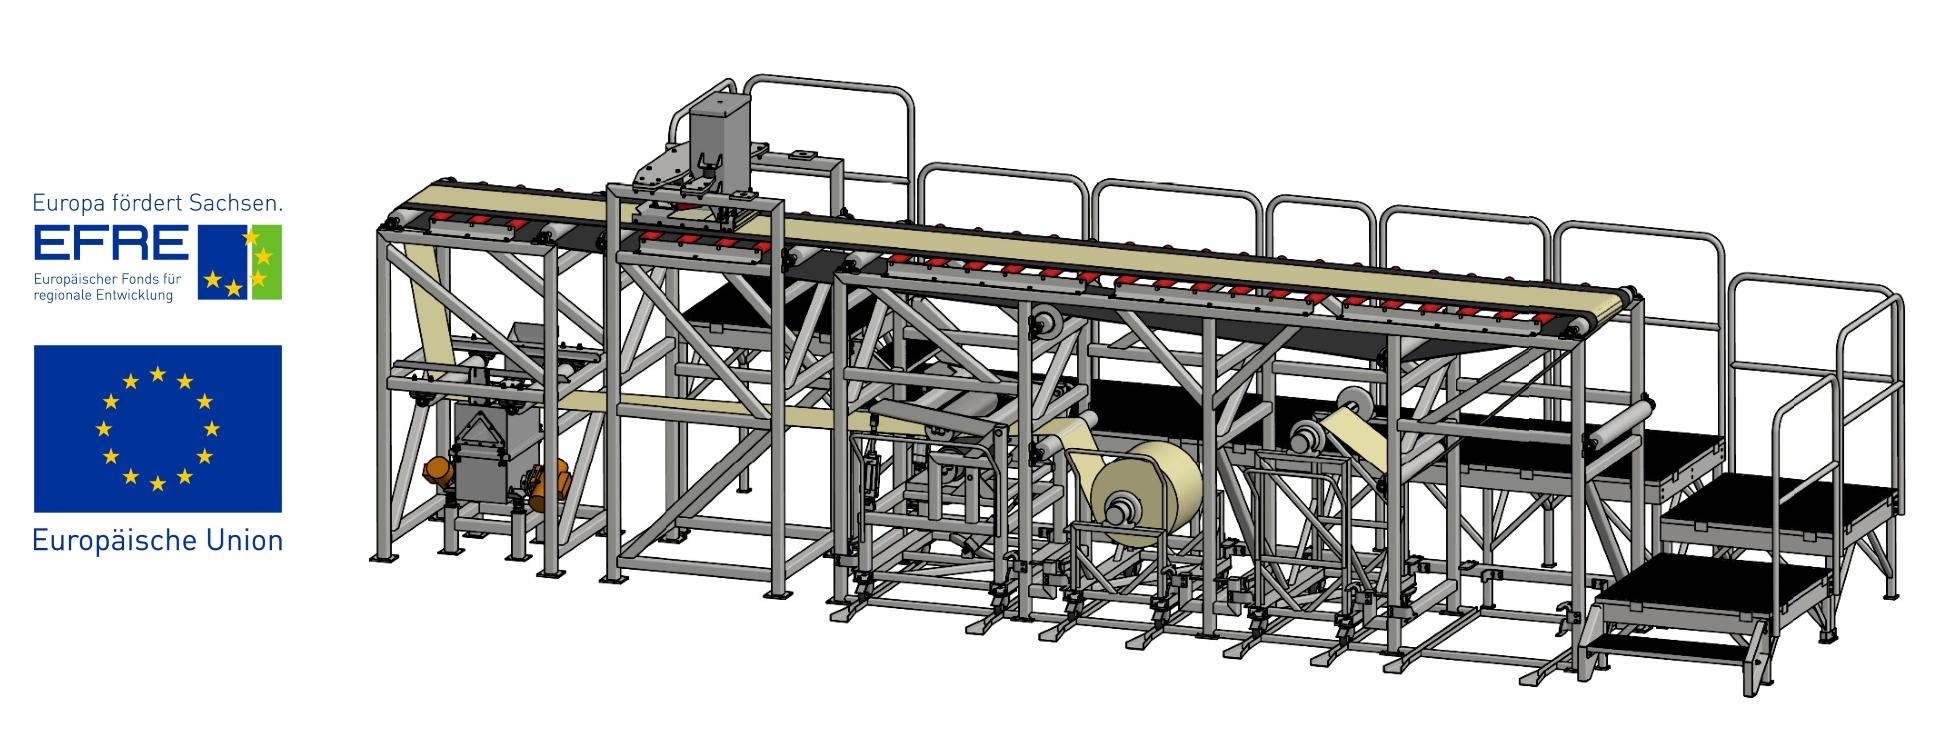 Entwicklung effizienter Partikelschwerkraftauftragstechnik für Schleifbänder, Kalandertechnologie und Spanplatten unter Verbesserung der Ressourcenproduktivität, Umweltverträglichkeit und Qualität